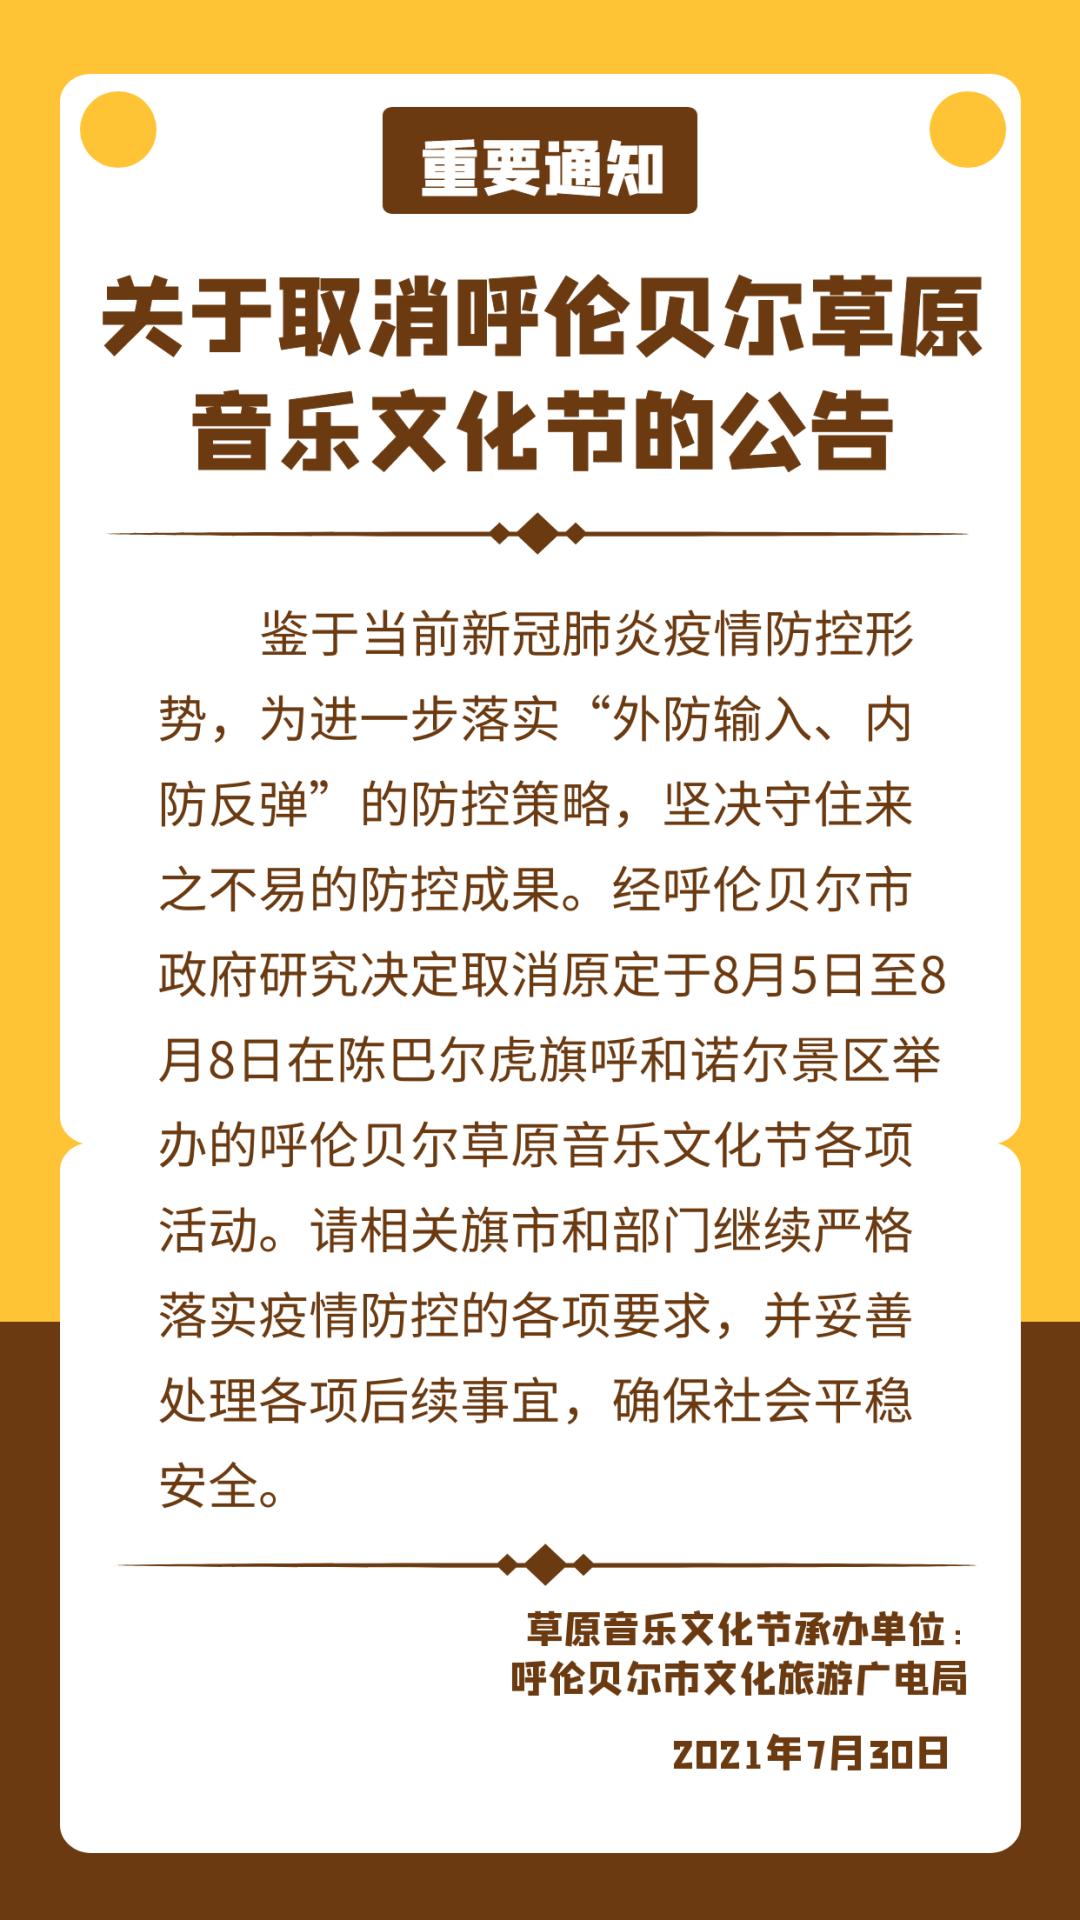 2021首届中国·呼伦贝尔草原音乐文化节